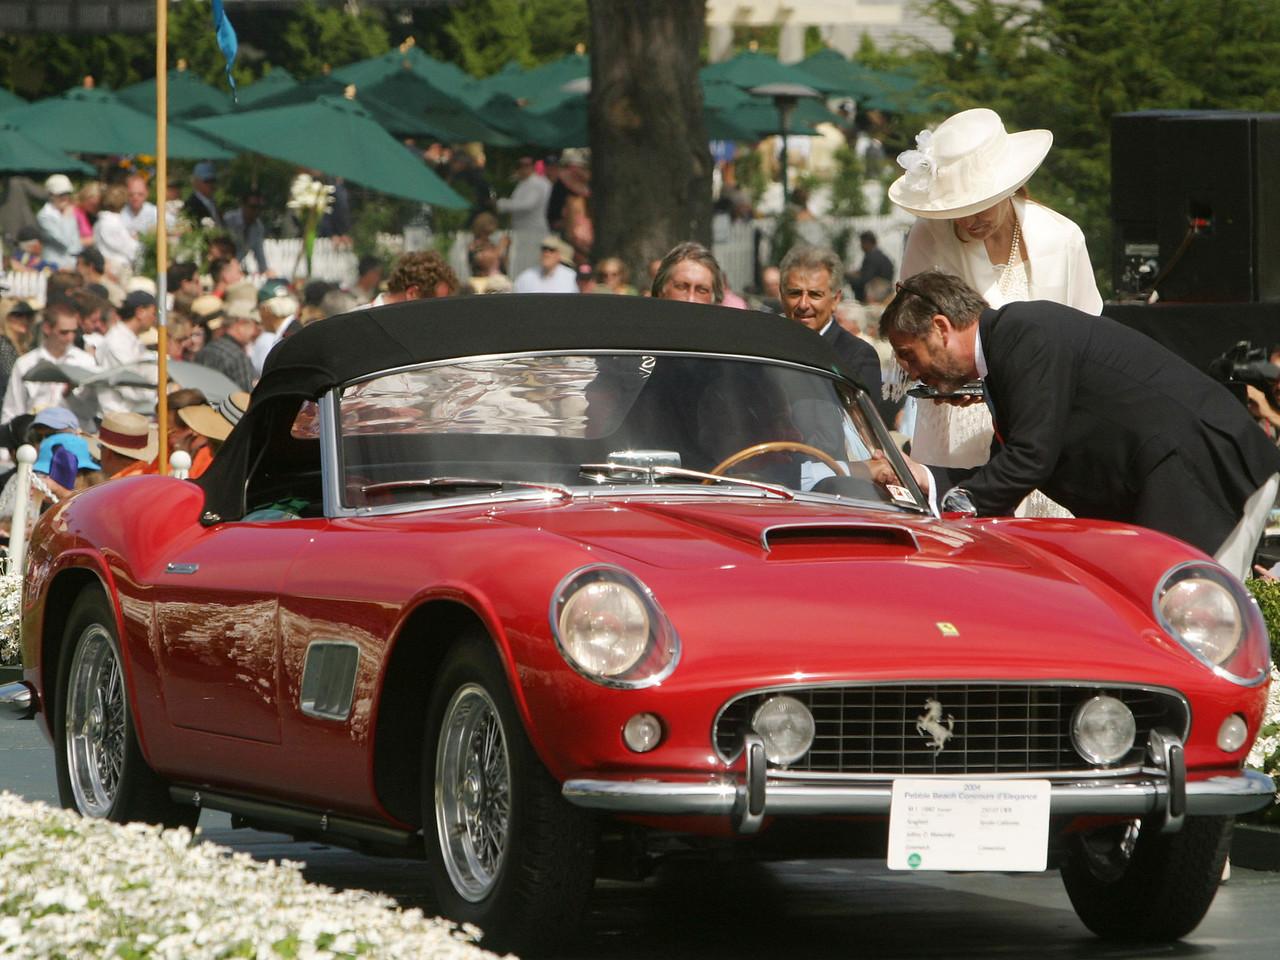 1960 Ferrari 250 GT LWB Scaglietti Spyder California.  Elegance in Motion Trophy.  Jeffrey D. Mamorsky.